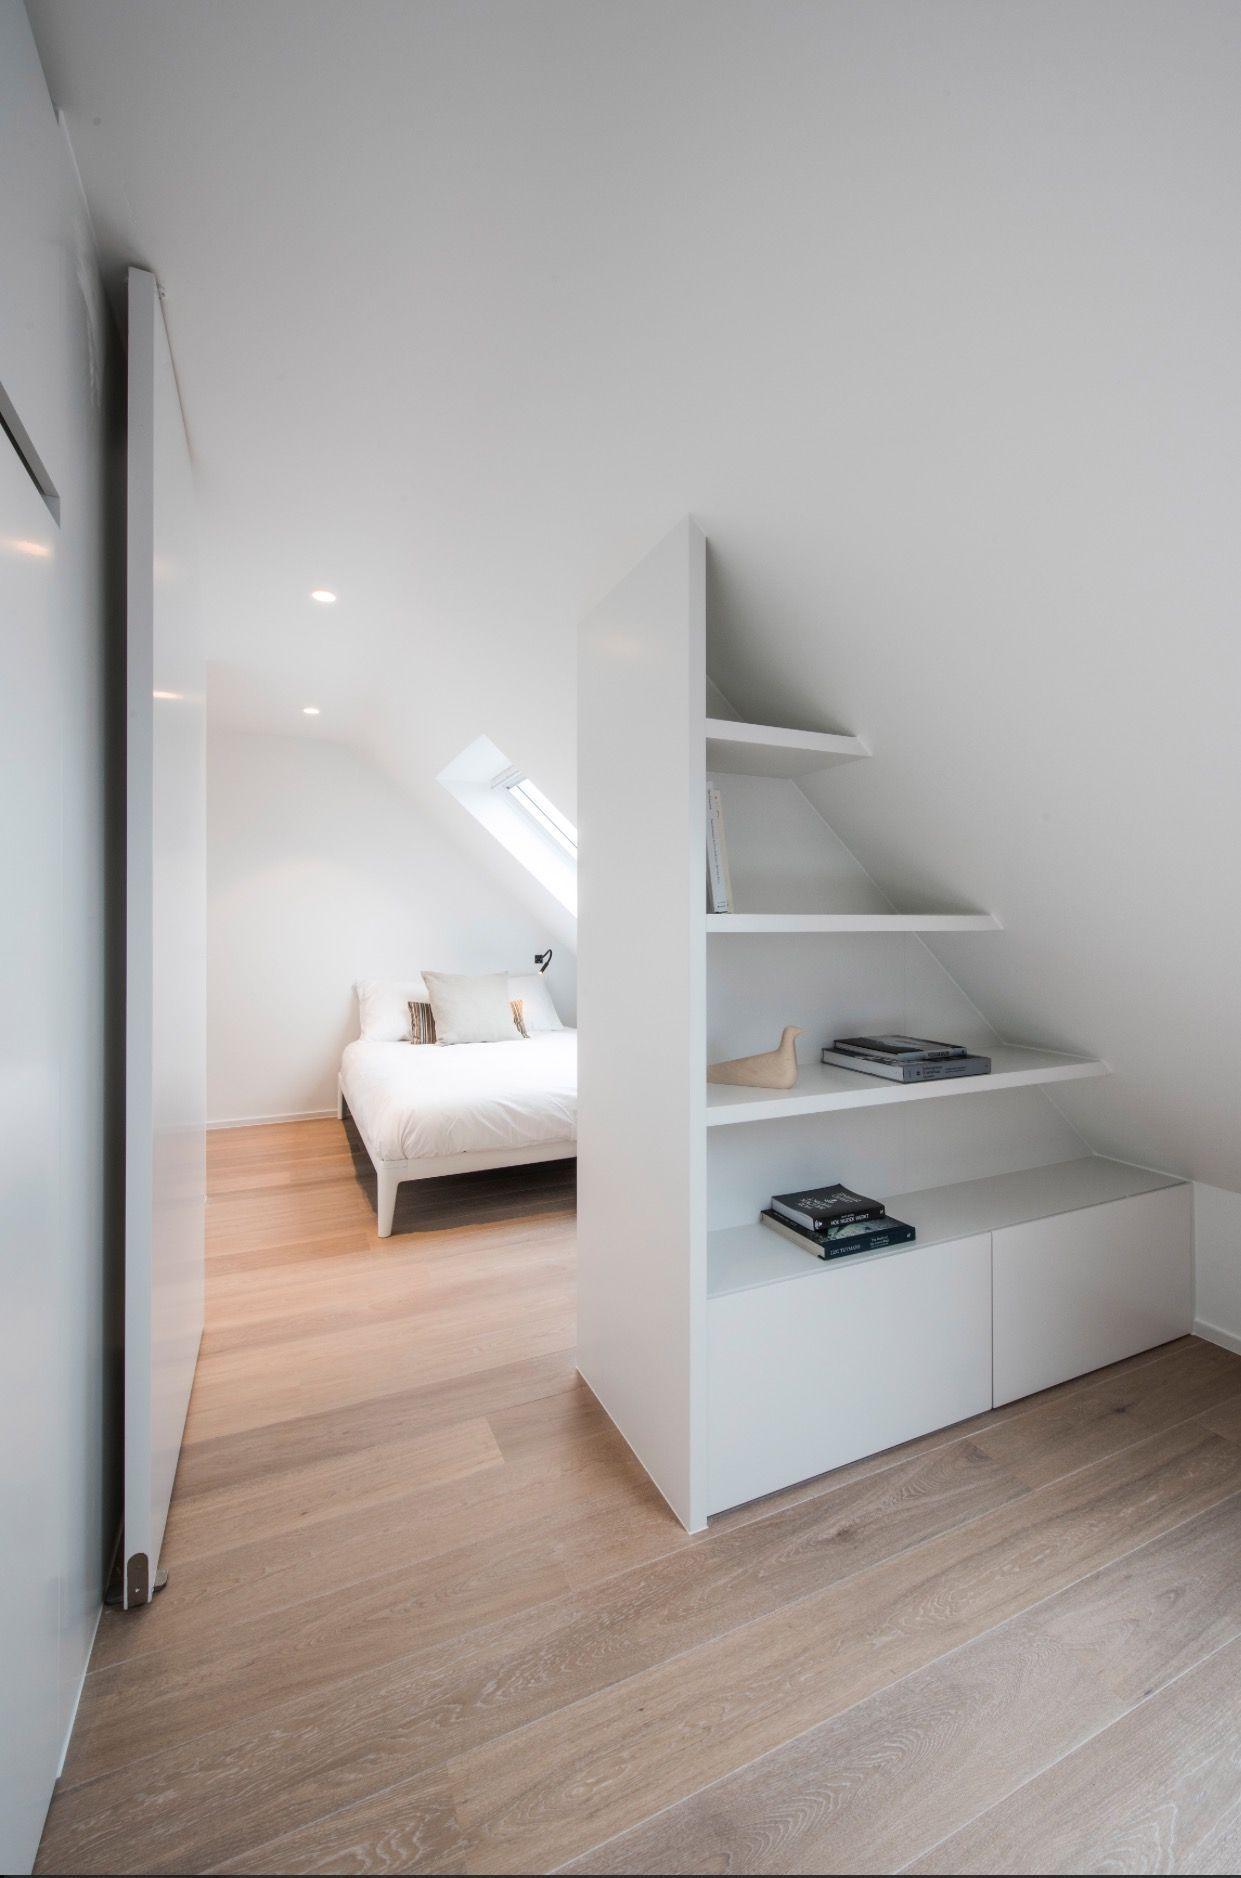 schlafzimmer einrichten dachgeschoss | dachboden ideen